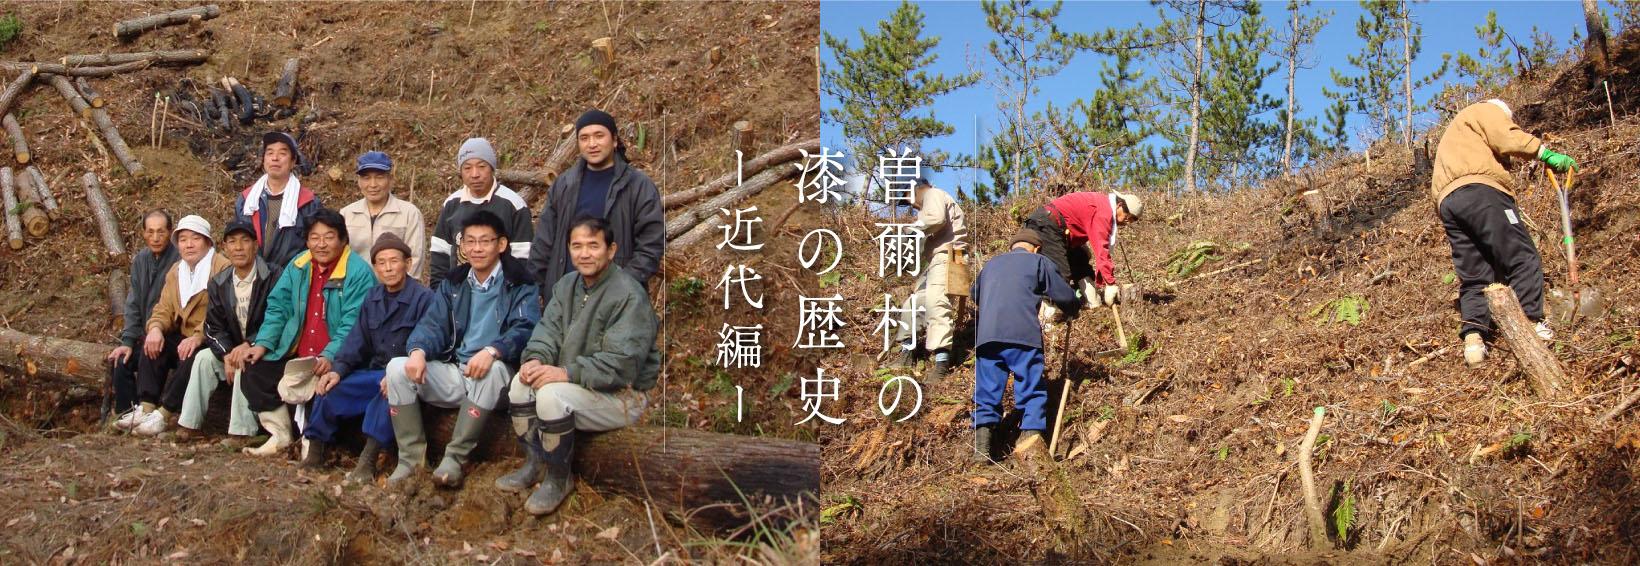 曽爾村の漆の歴史 -近代編-